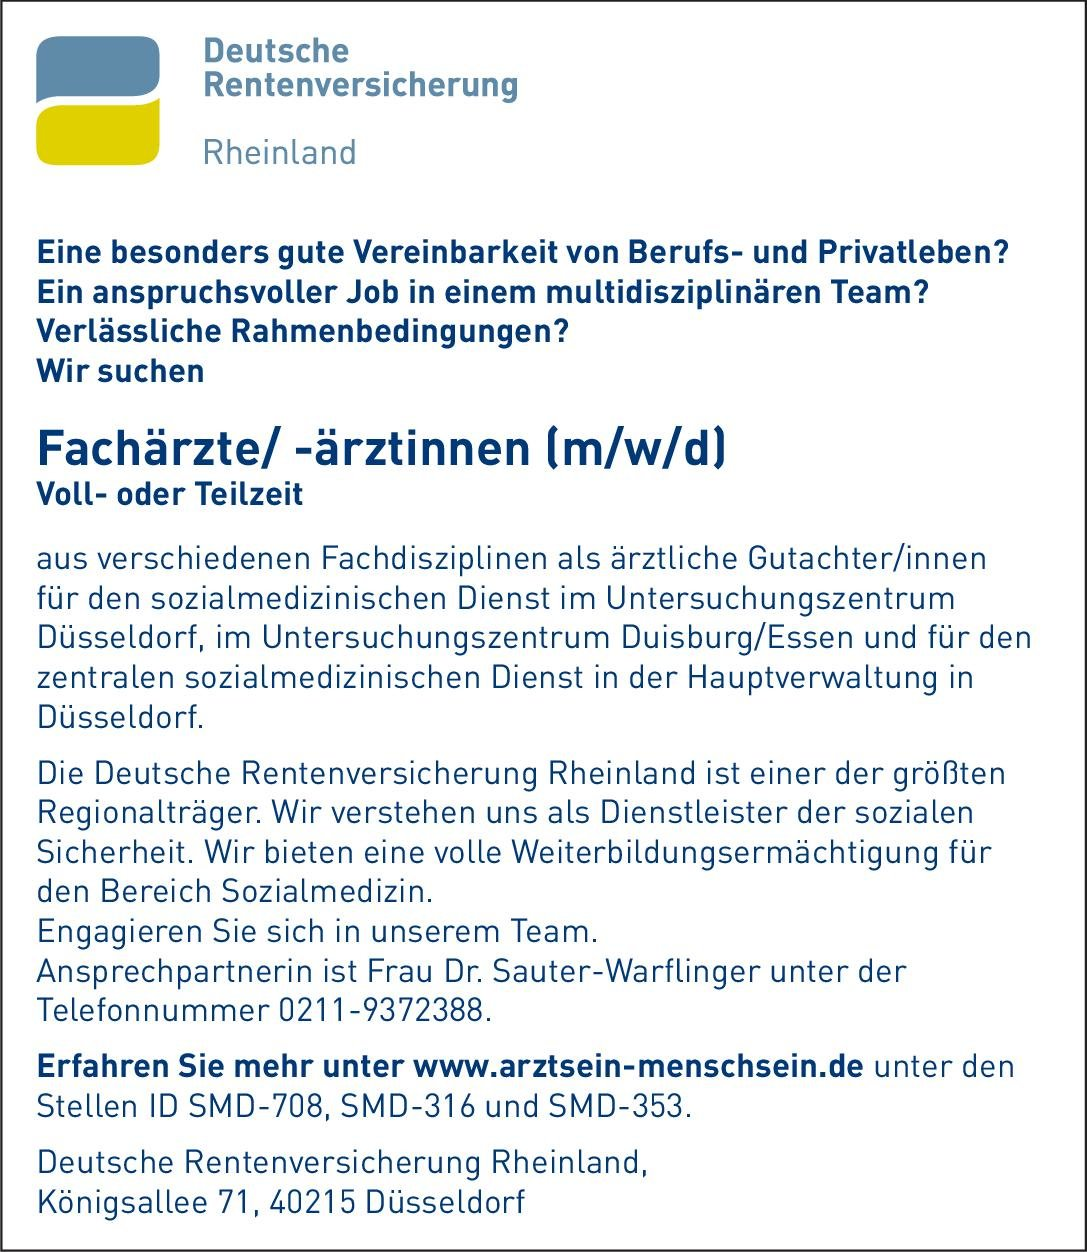 Deutsche Rentenversicherung Rheinland Fachärzte/ -ärztinnen (m/w/d) als ärztliche Gutachter/innen * ohne Gebiete Arzt / Facharzt, Gutachter / Dokumentar